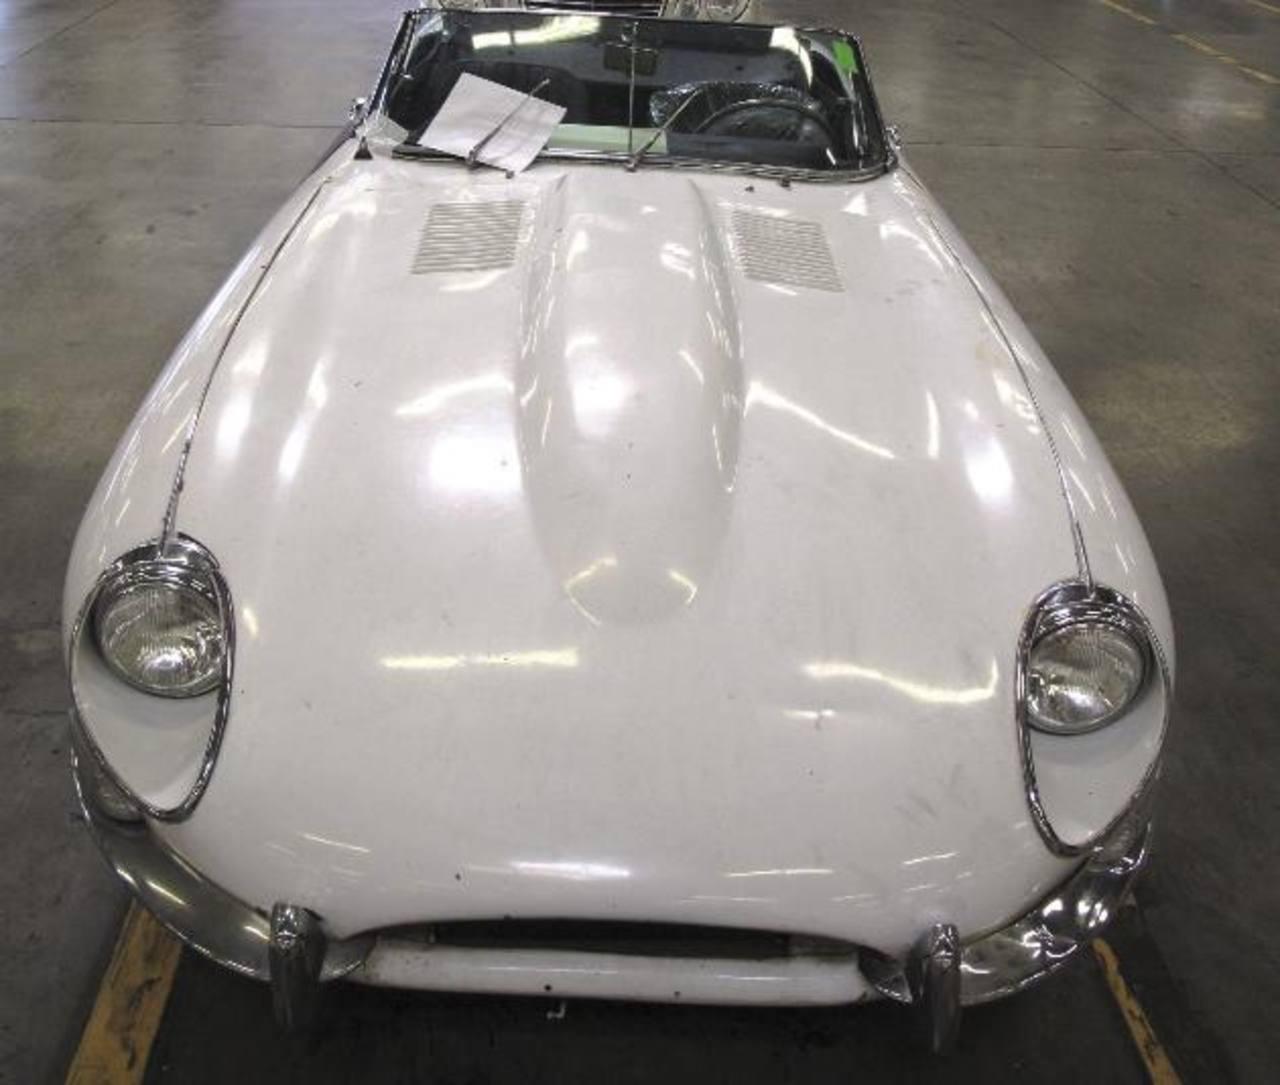 El Jaguar recuperado por la Aduana y Protección Fronteriza de Los Ángeles.